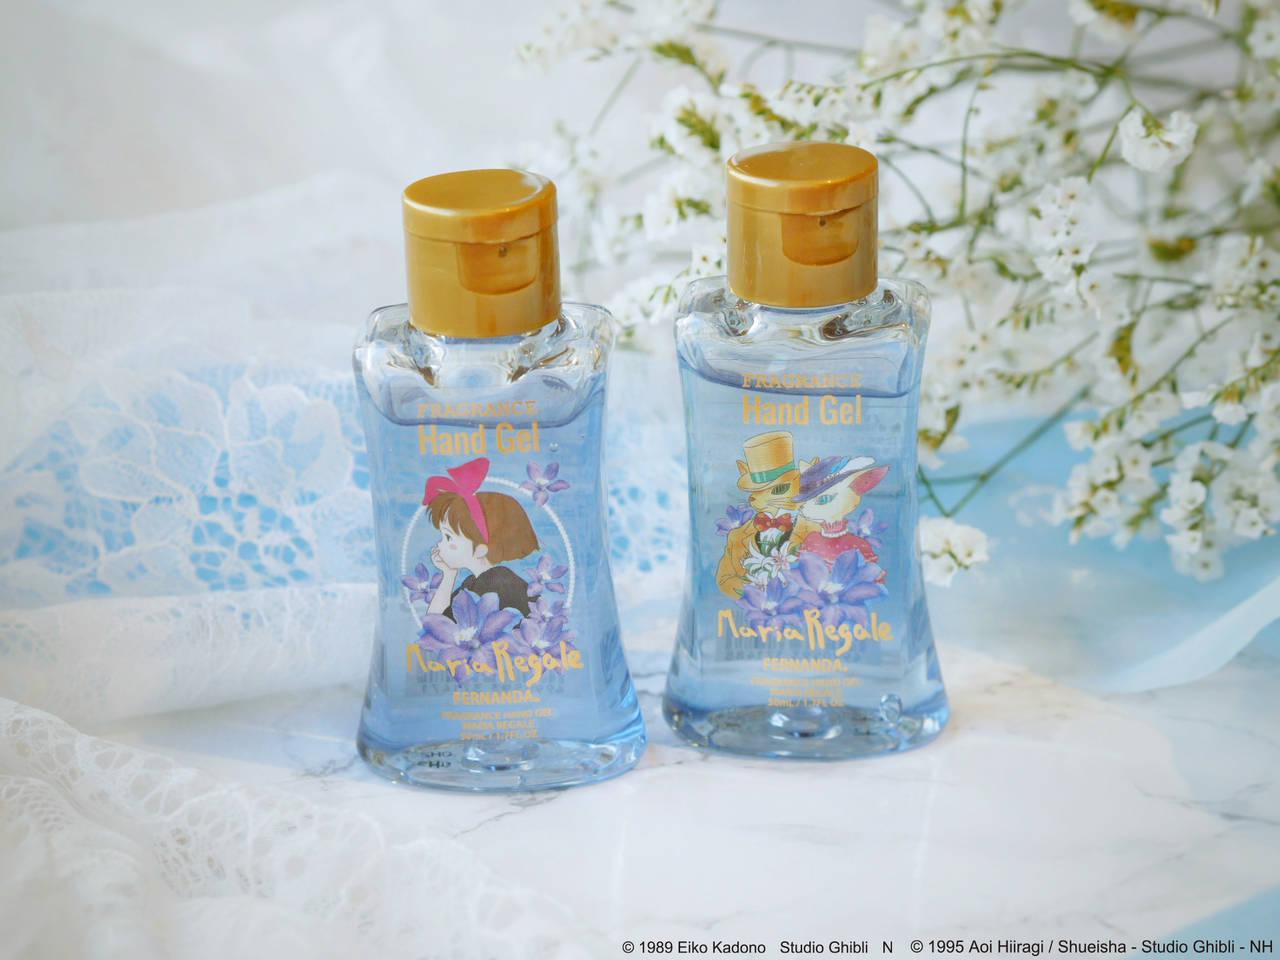 『魔女の宅急便』『耳をすませば』ハンドジェル発売♪ 可愛いボトル&優しい香りが嬉しい